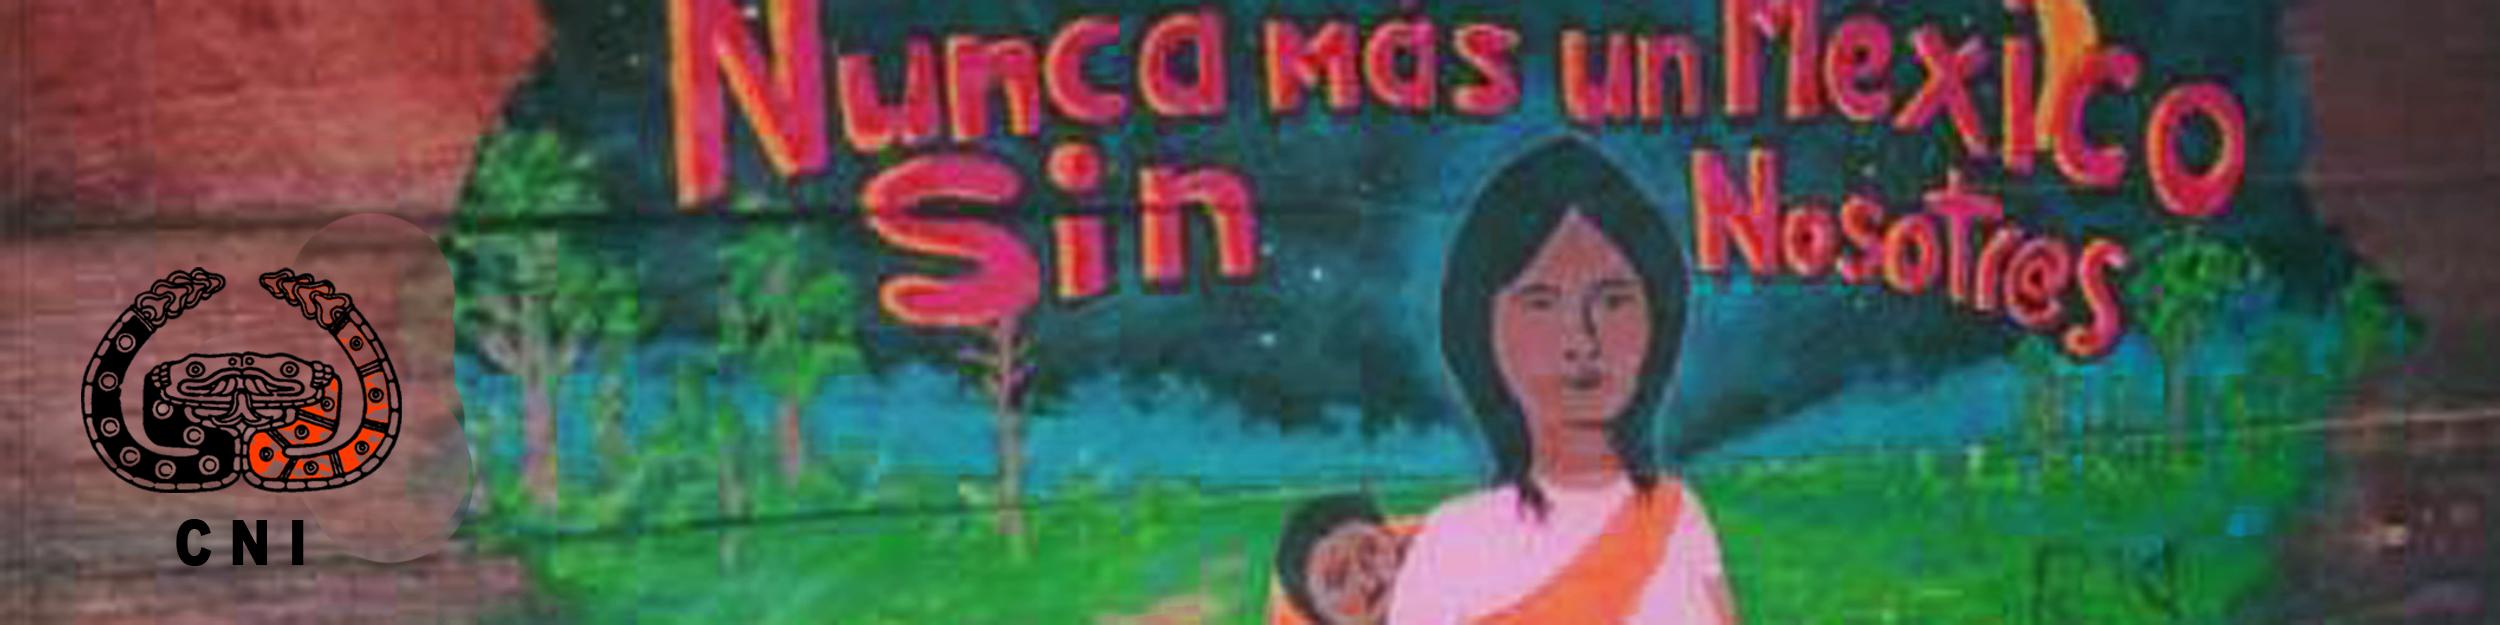 ¡SAMIR VIVE, LA LUCHA SIGUE! PRONUNCIAMIENTO DE LA TERCERA ASAMBLEA NACIONAL DEL CONGRESO NACIONAL INDÍGENA, EL CONCEJO INDÍGENA DE GOBIERNO Y EL EZLN.